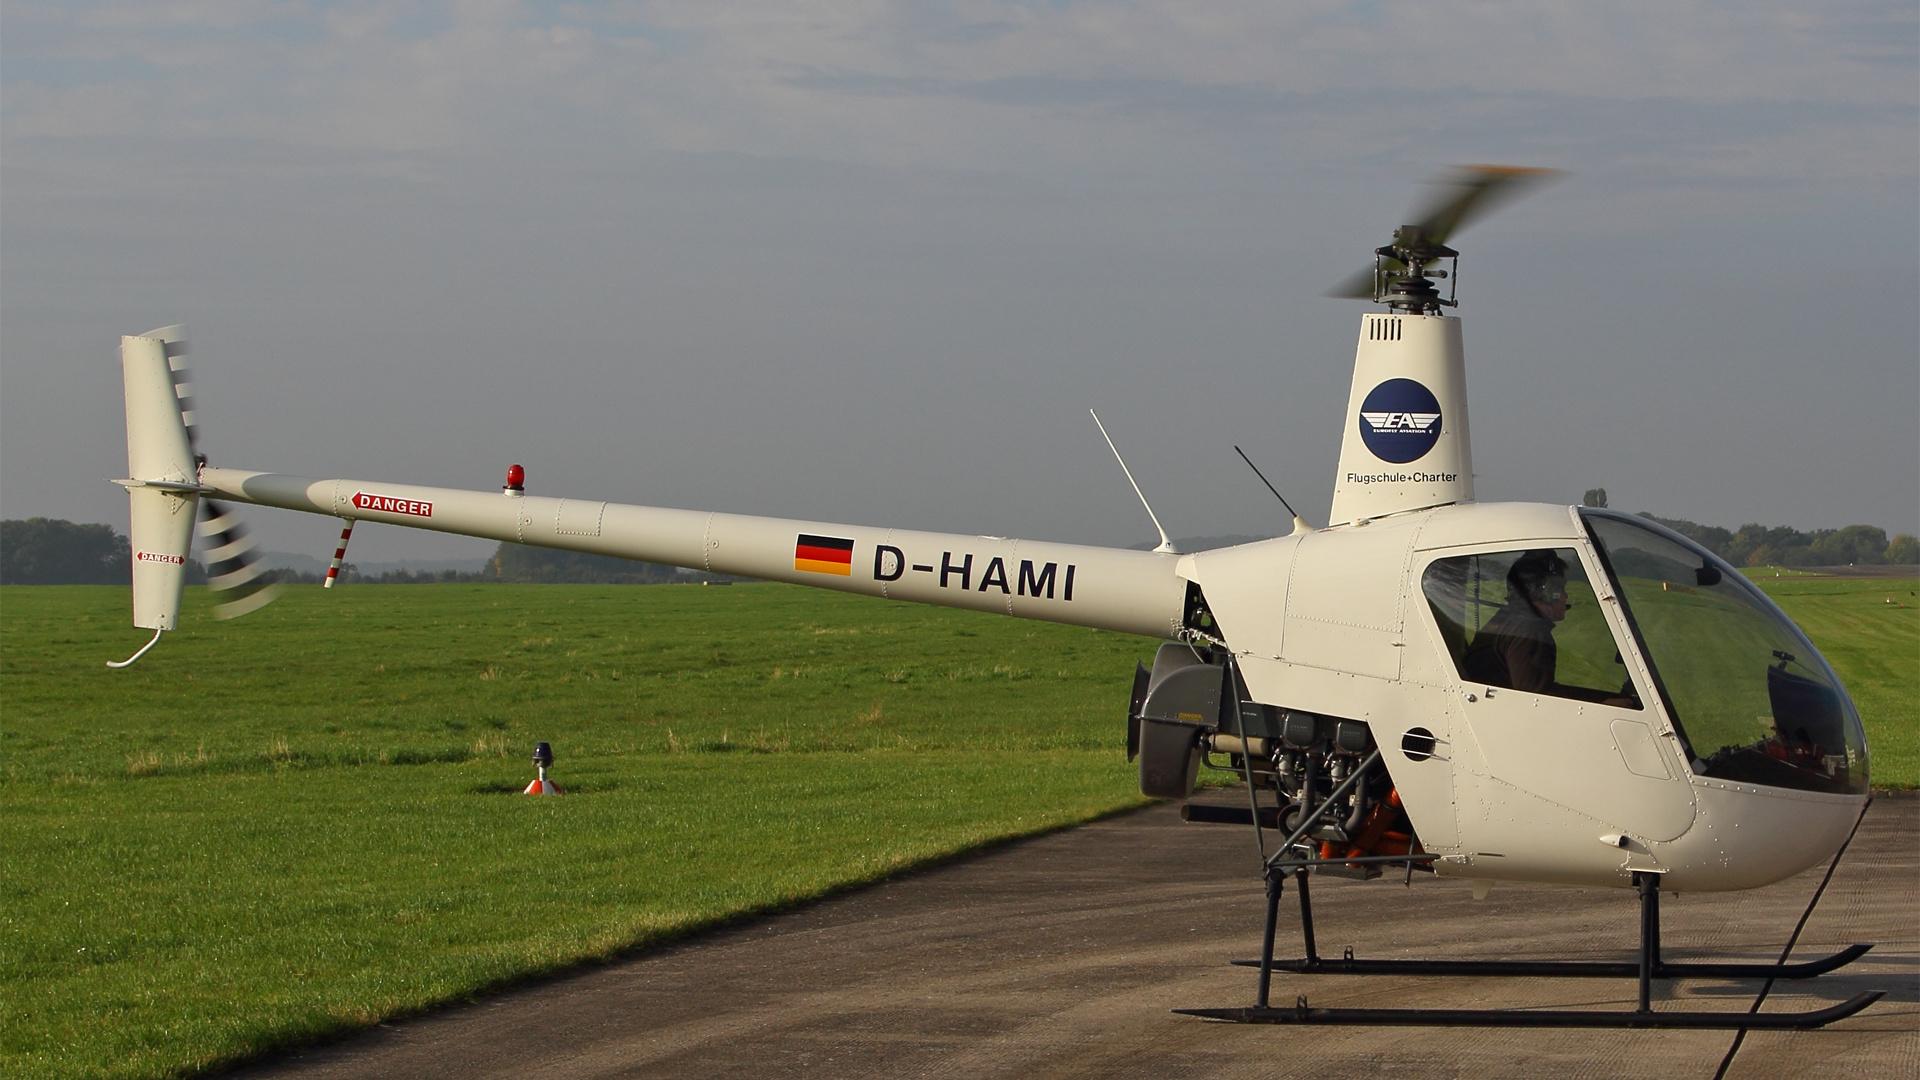 D-HAMI-1 R22 ESS 201510